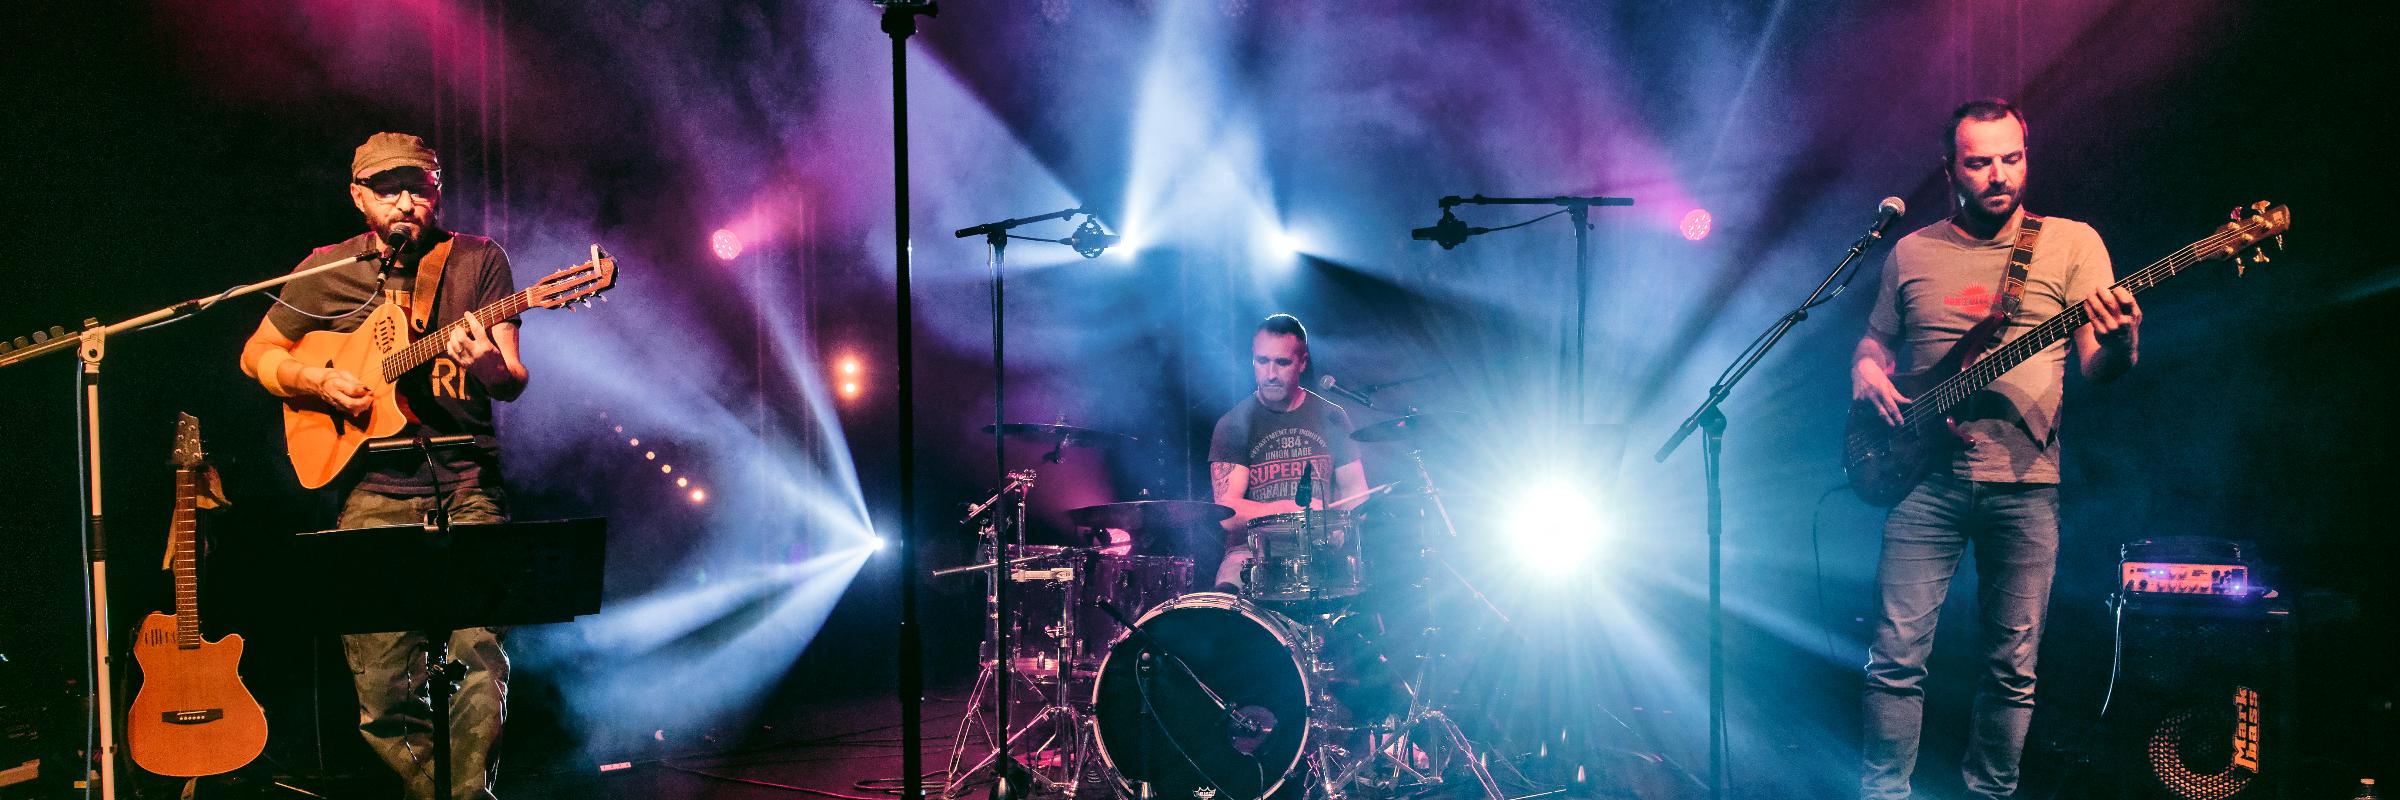 OLD SCHOOL, groupe de musique Rock en représentation à Corrèze - photo de couverture